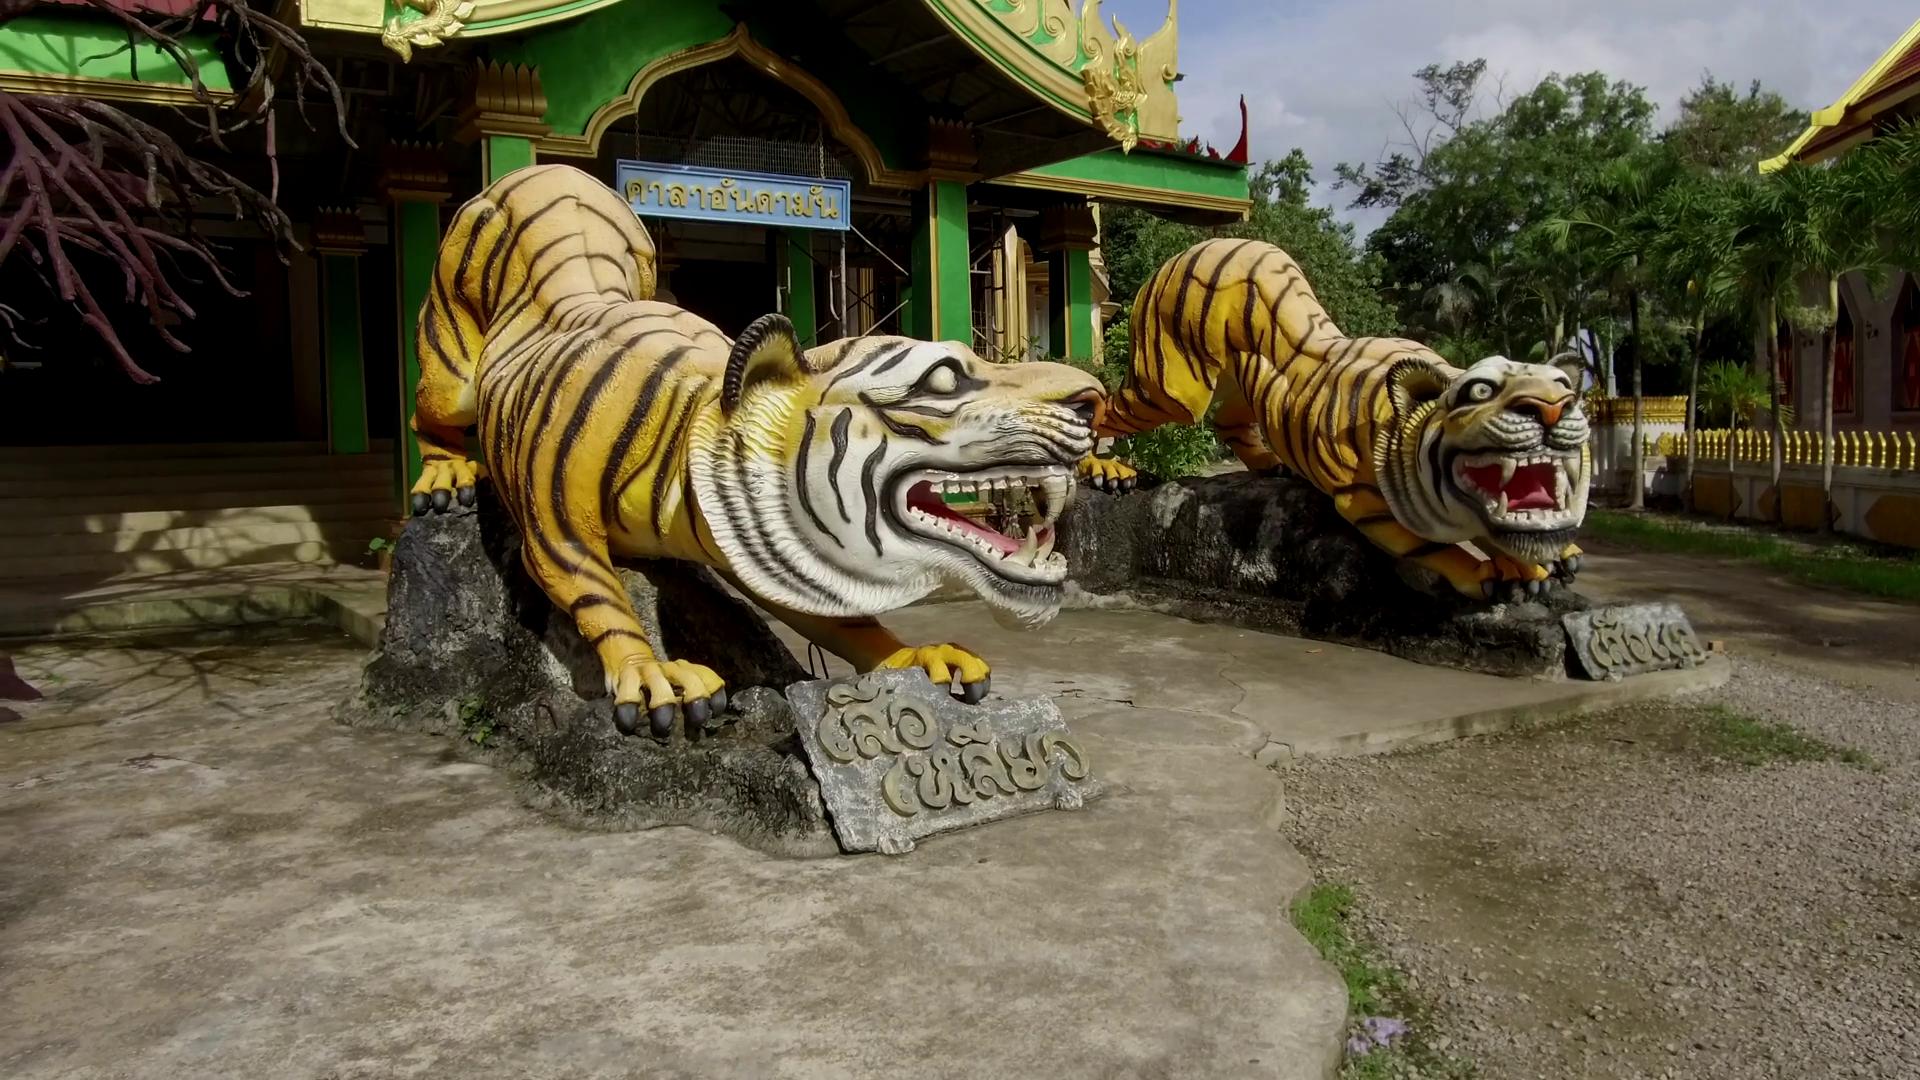 Статуи тигров у входа в недостроенный храм